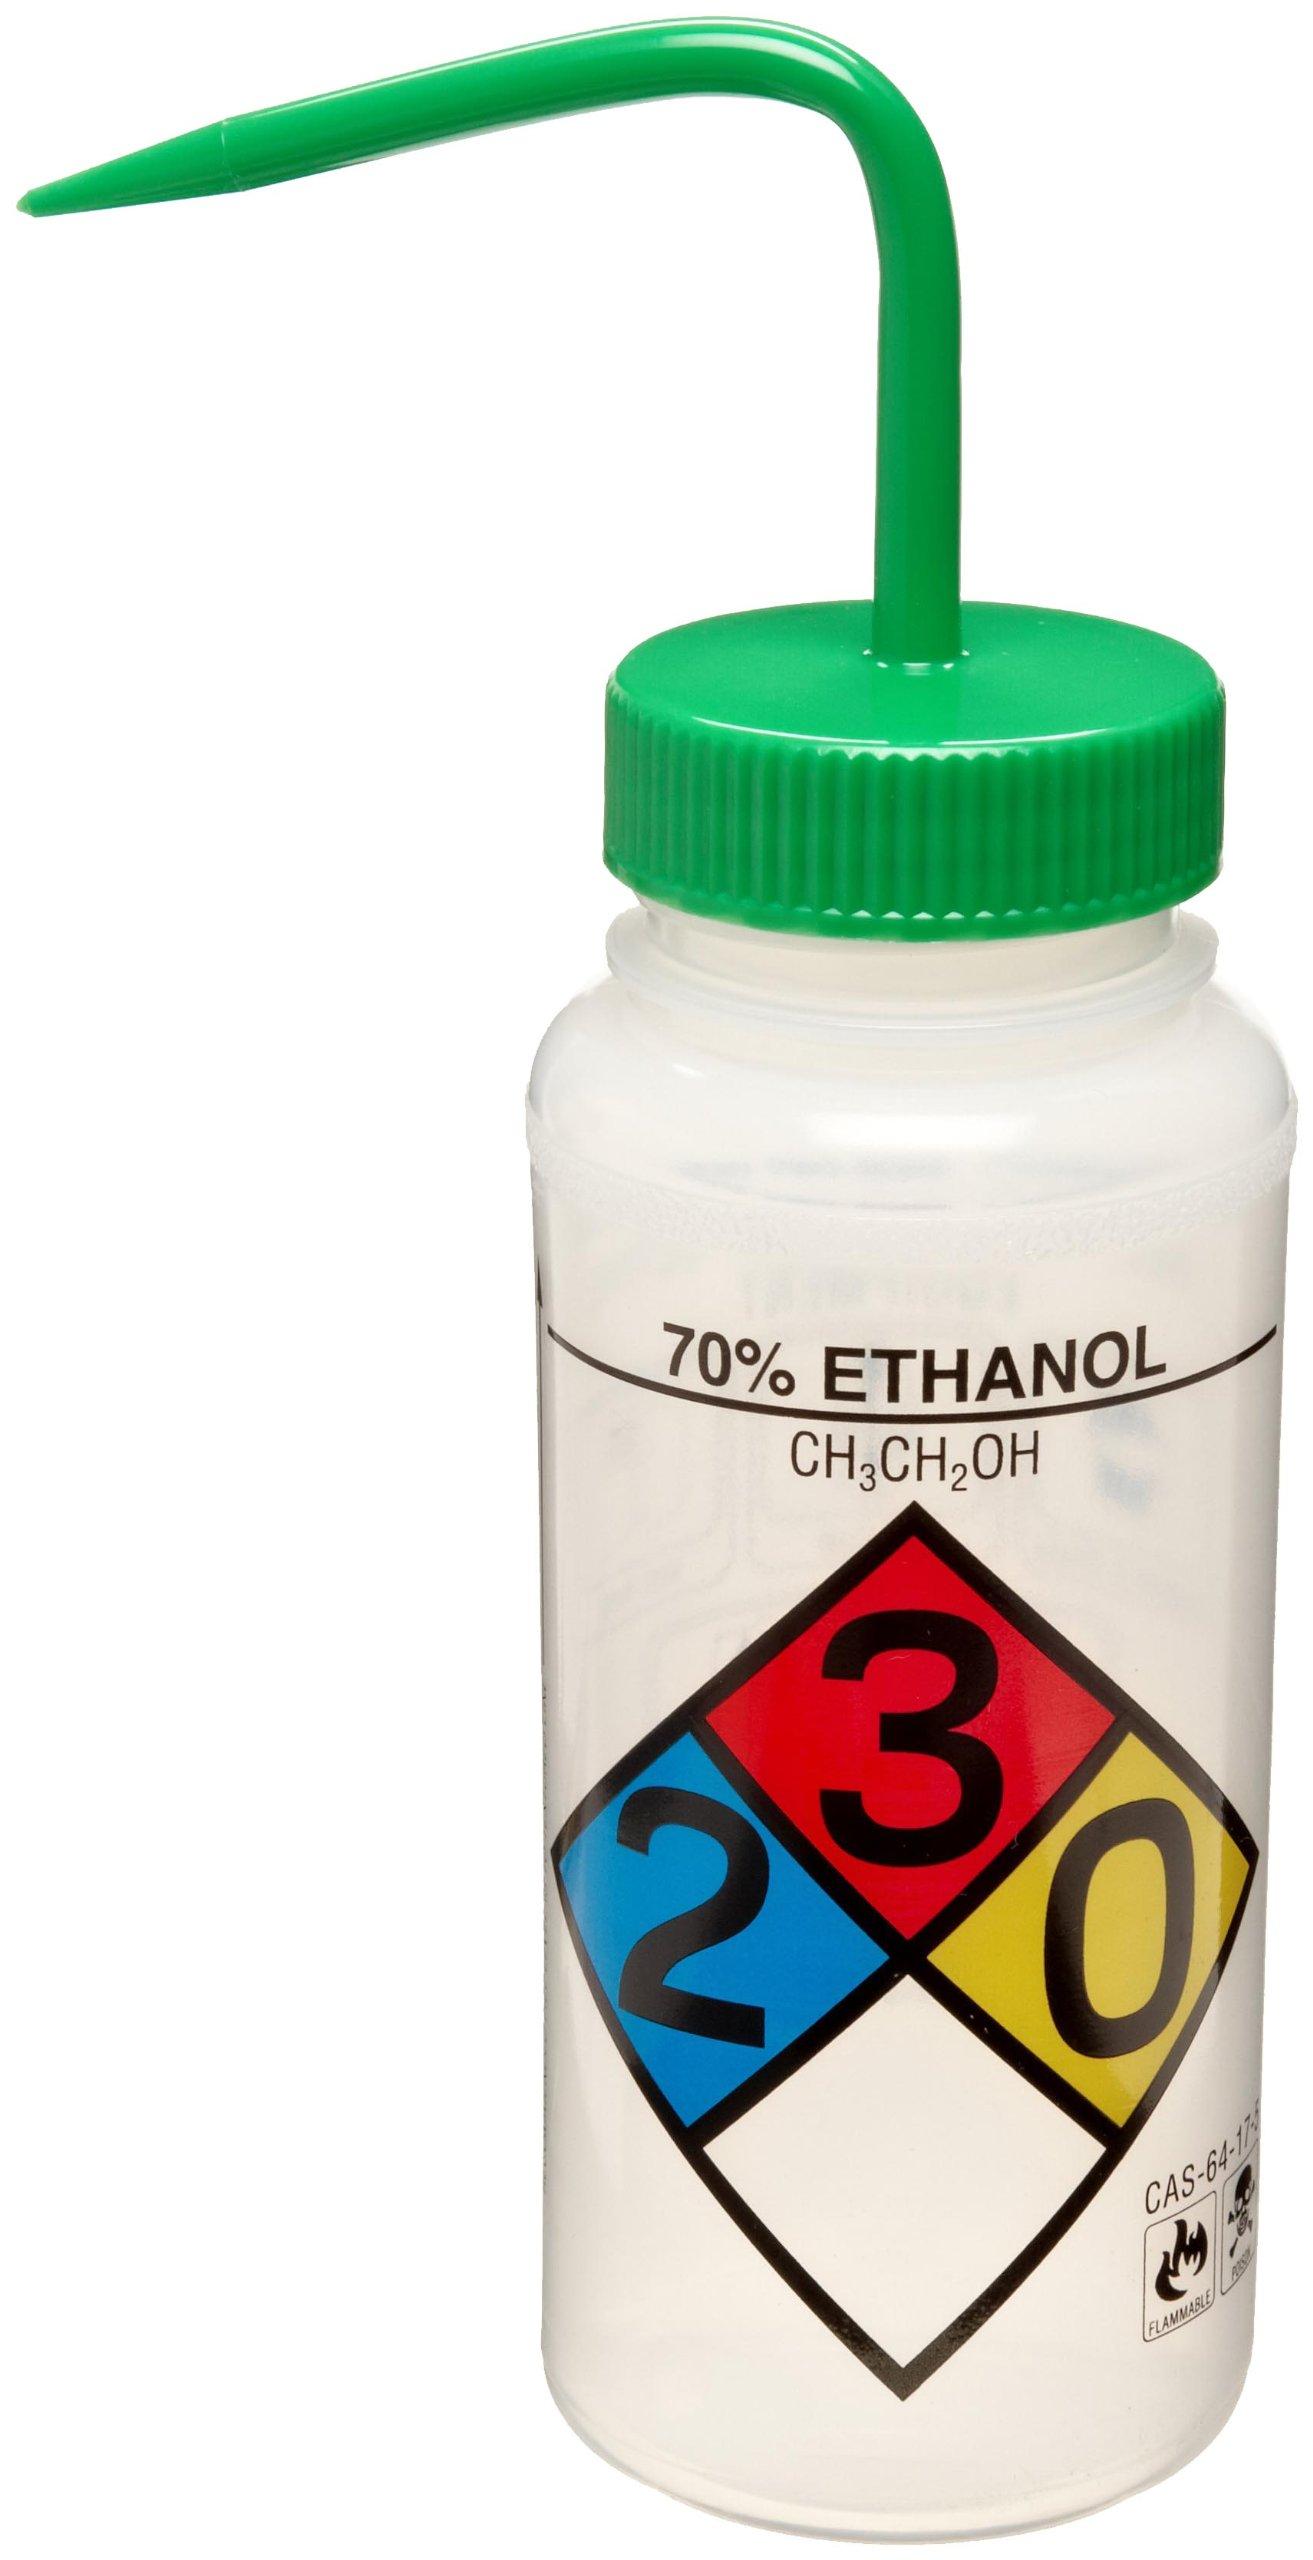 Bel-Art Safety-Labeled 4-Color 70% Ethanol Wide-Mouth Wash Bottles; 500ml (16oz), Polyethylene w/Green Polypropylene Cap (Pack of 4) (F11716-0020)